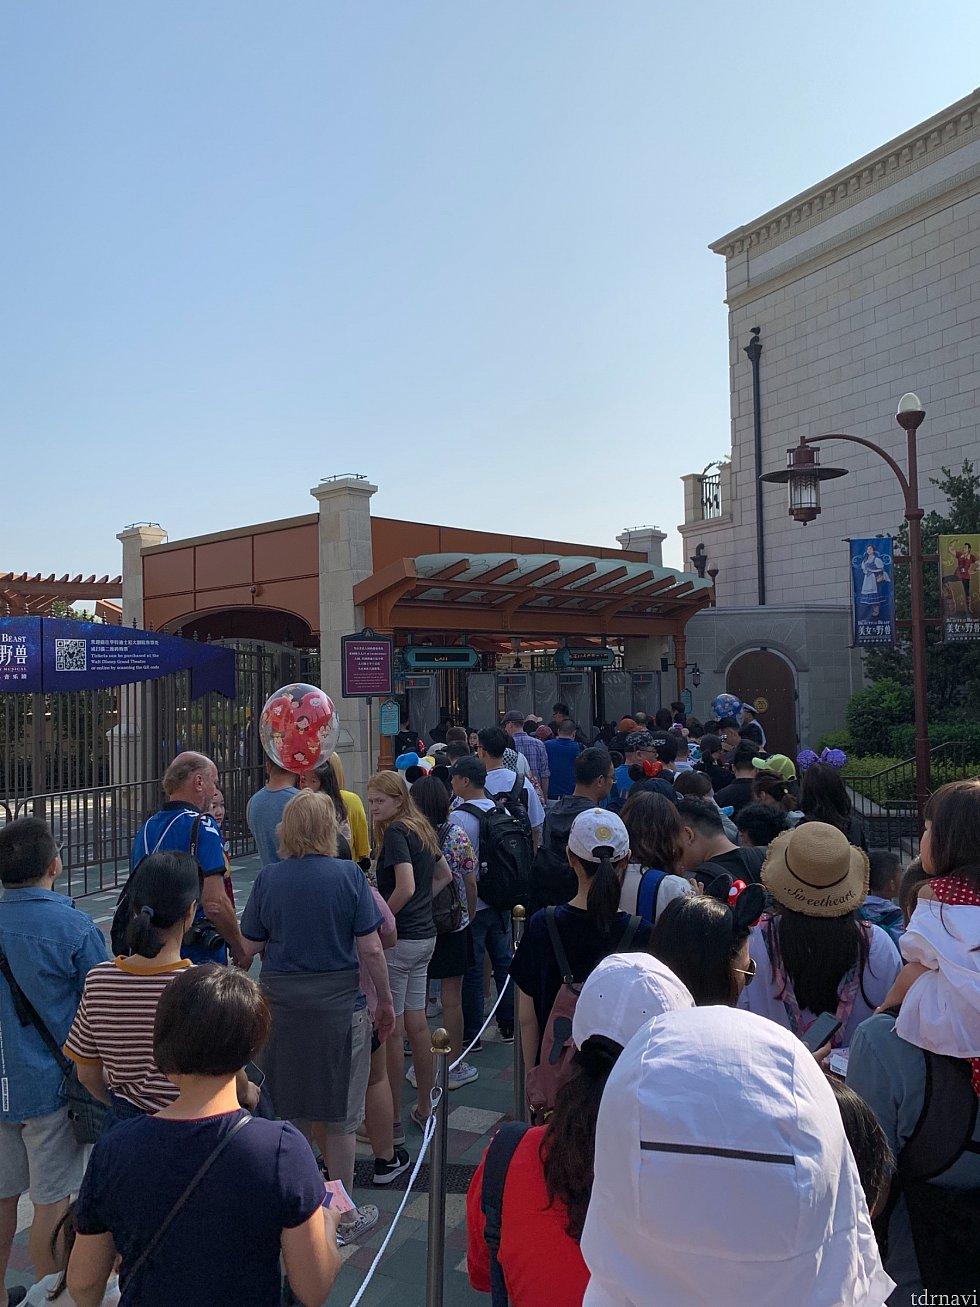 ディズニータウンからの入場が可能です 若干混みますが、一般に比べたら早いものです😅